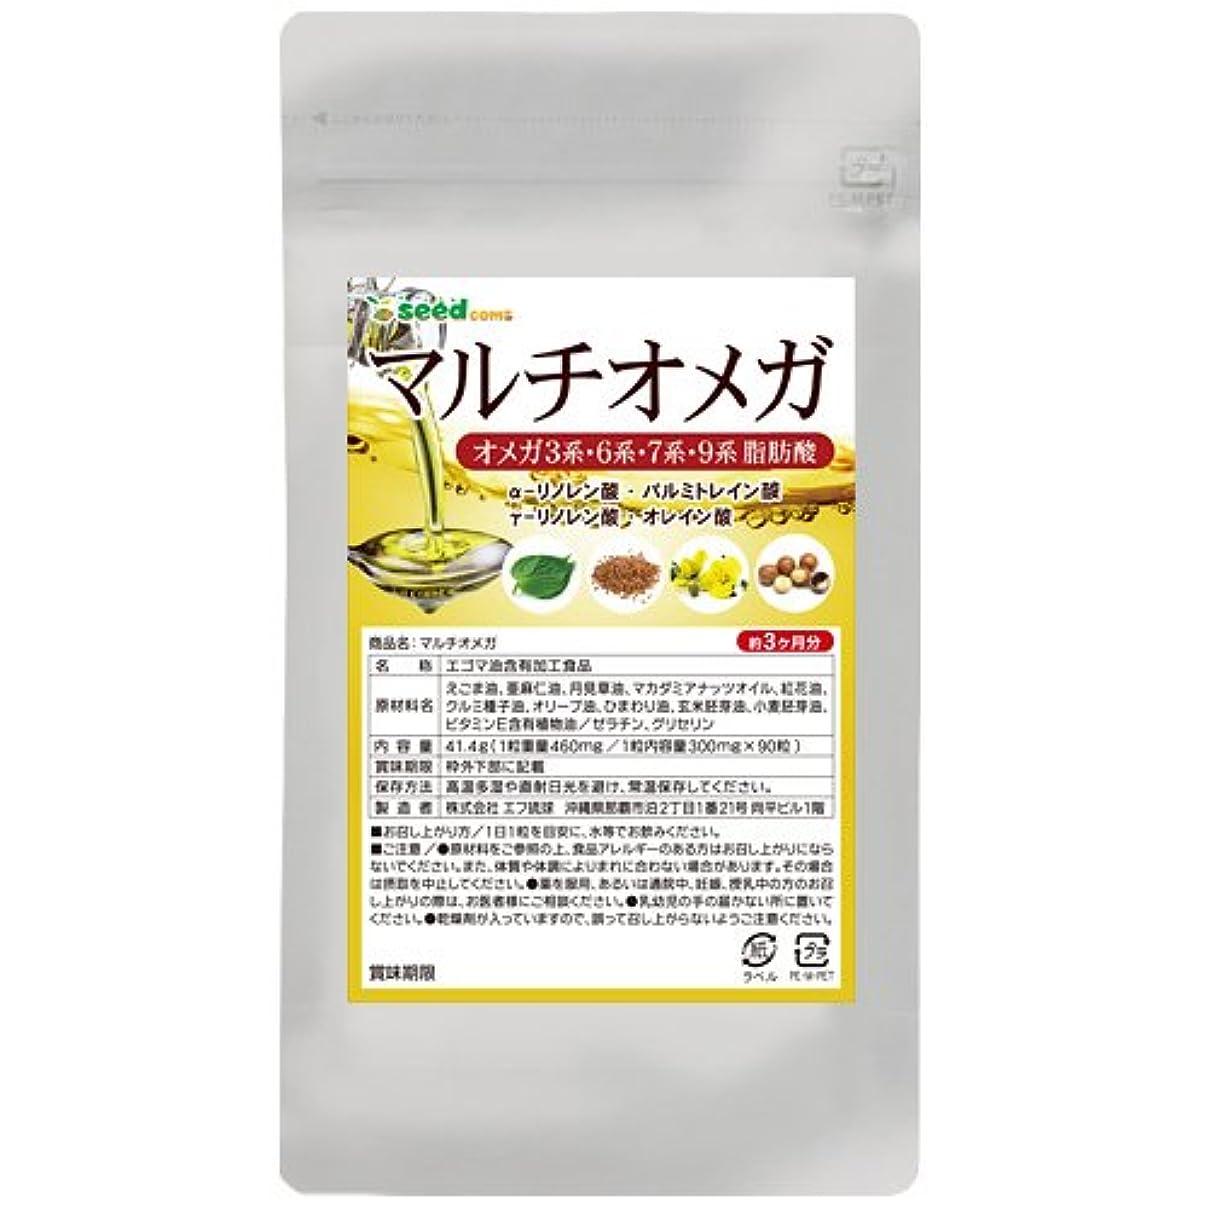 防止作業ライオネルグリーンストリートマルチ オメガ (約3ヶ月分/90粒) えごま油 亜麻仁油 など 4種のオメガオイル